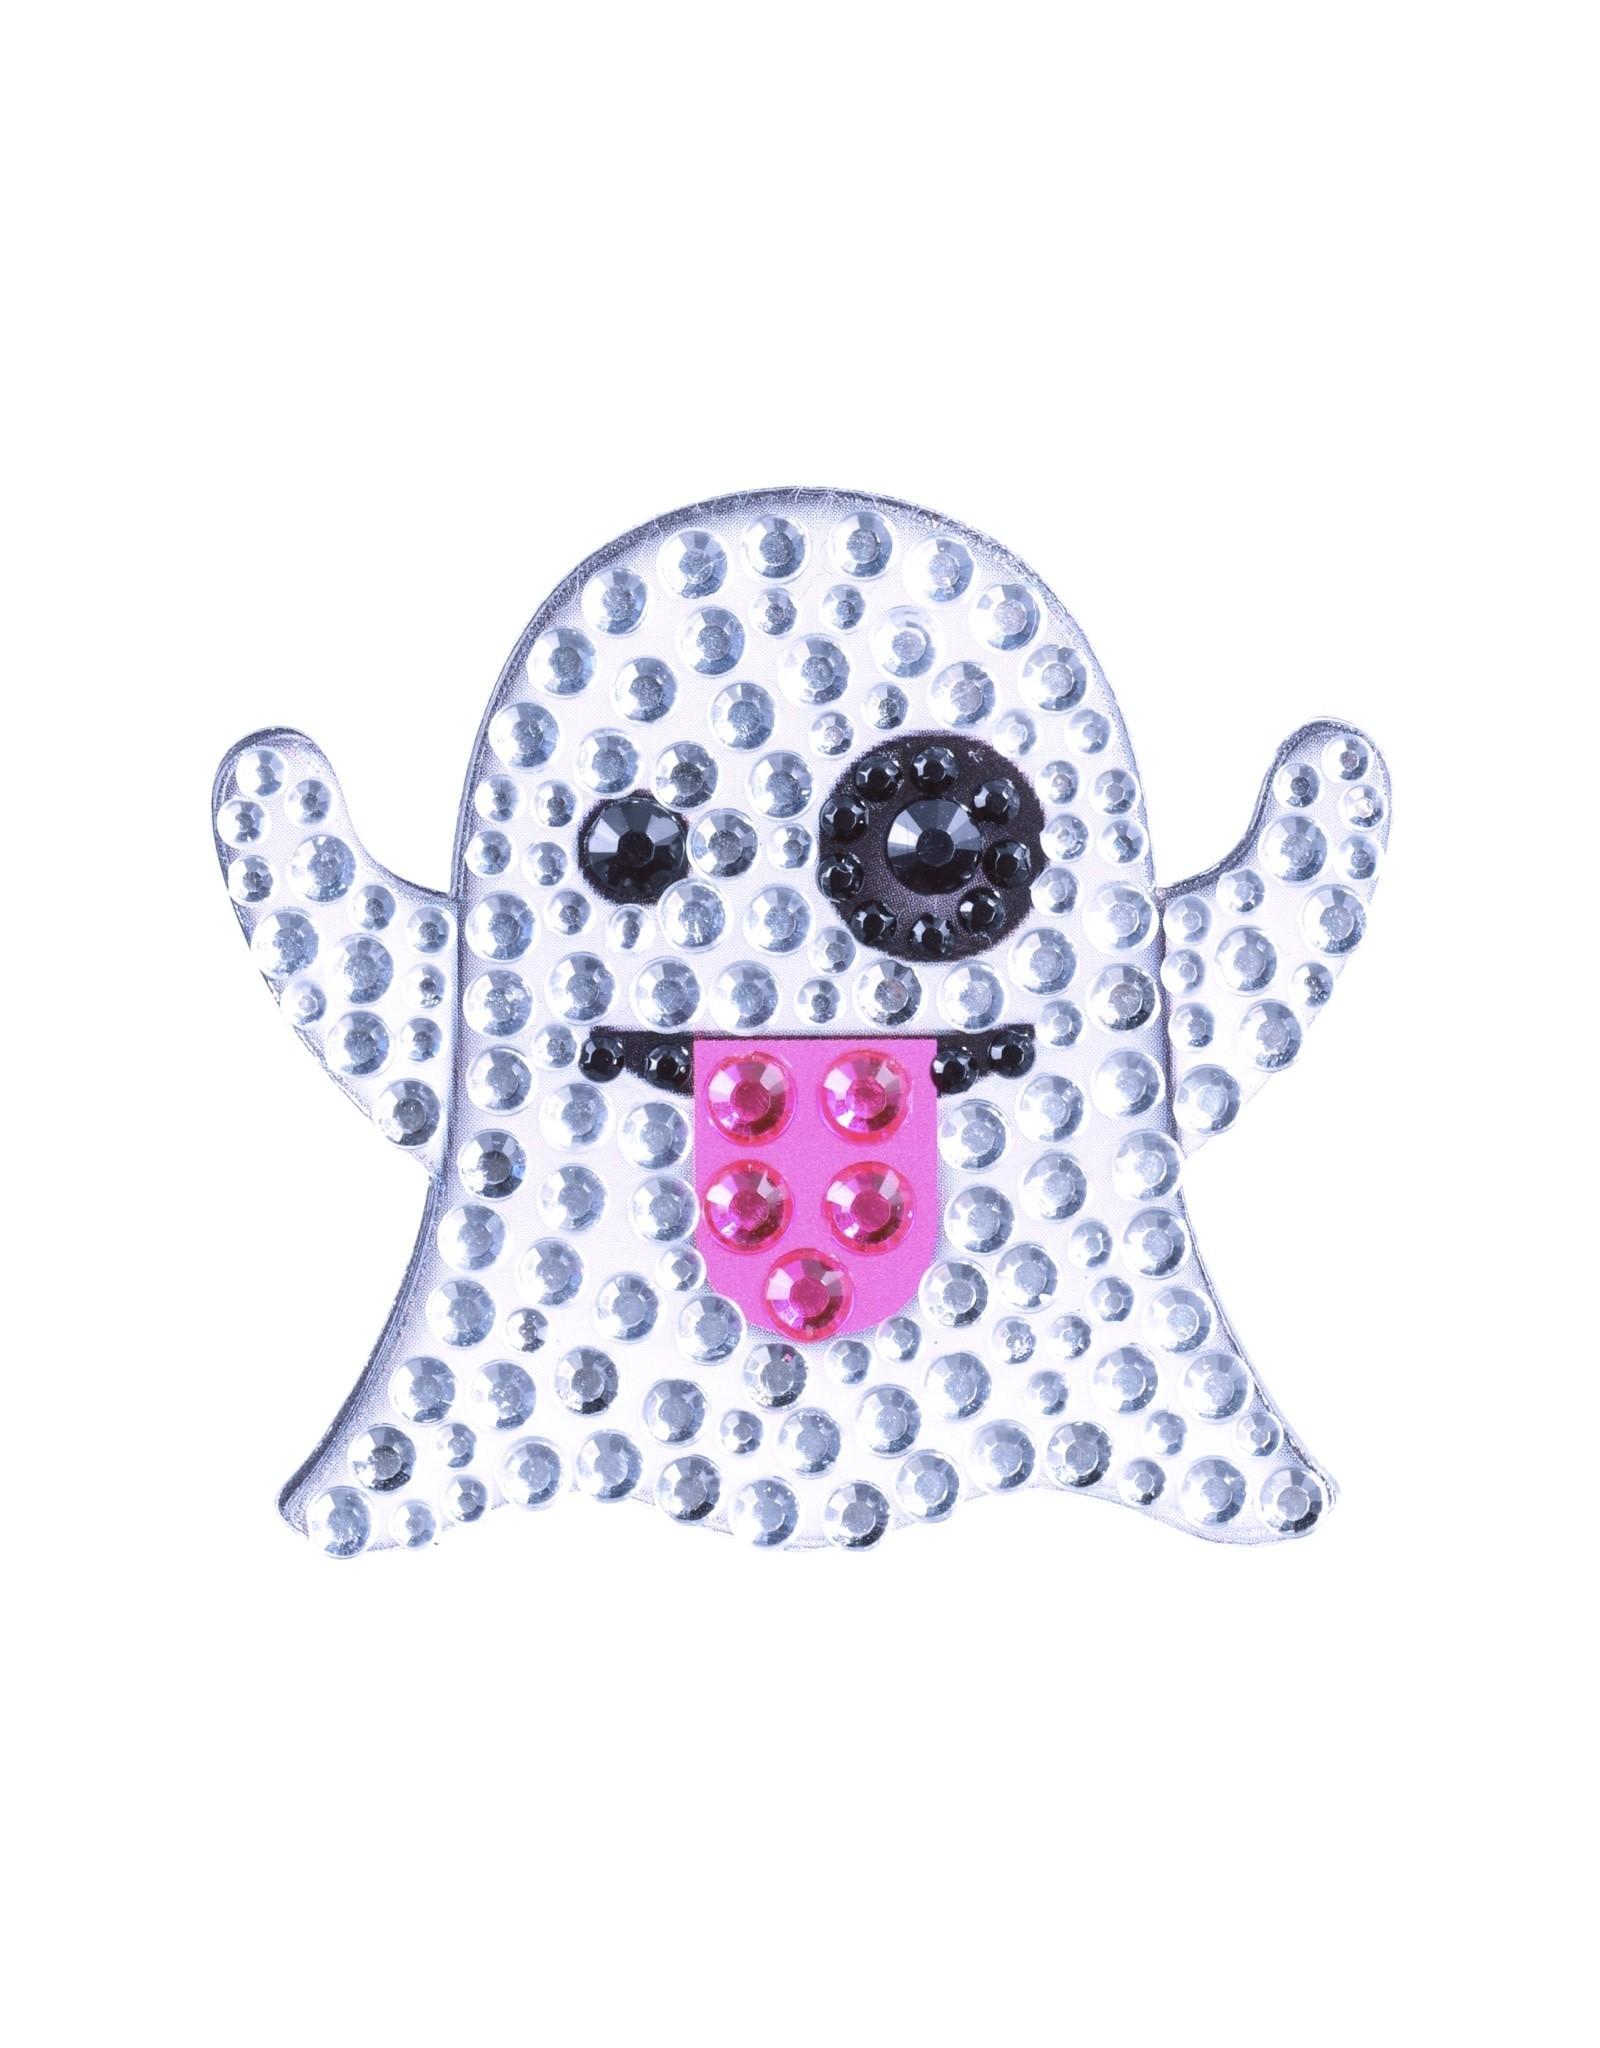 Sticker Beans Sticker Beans Boo